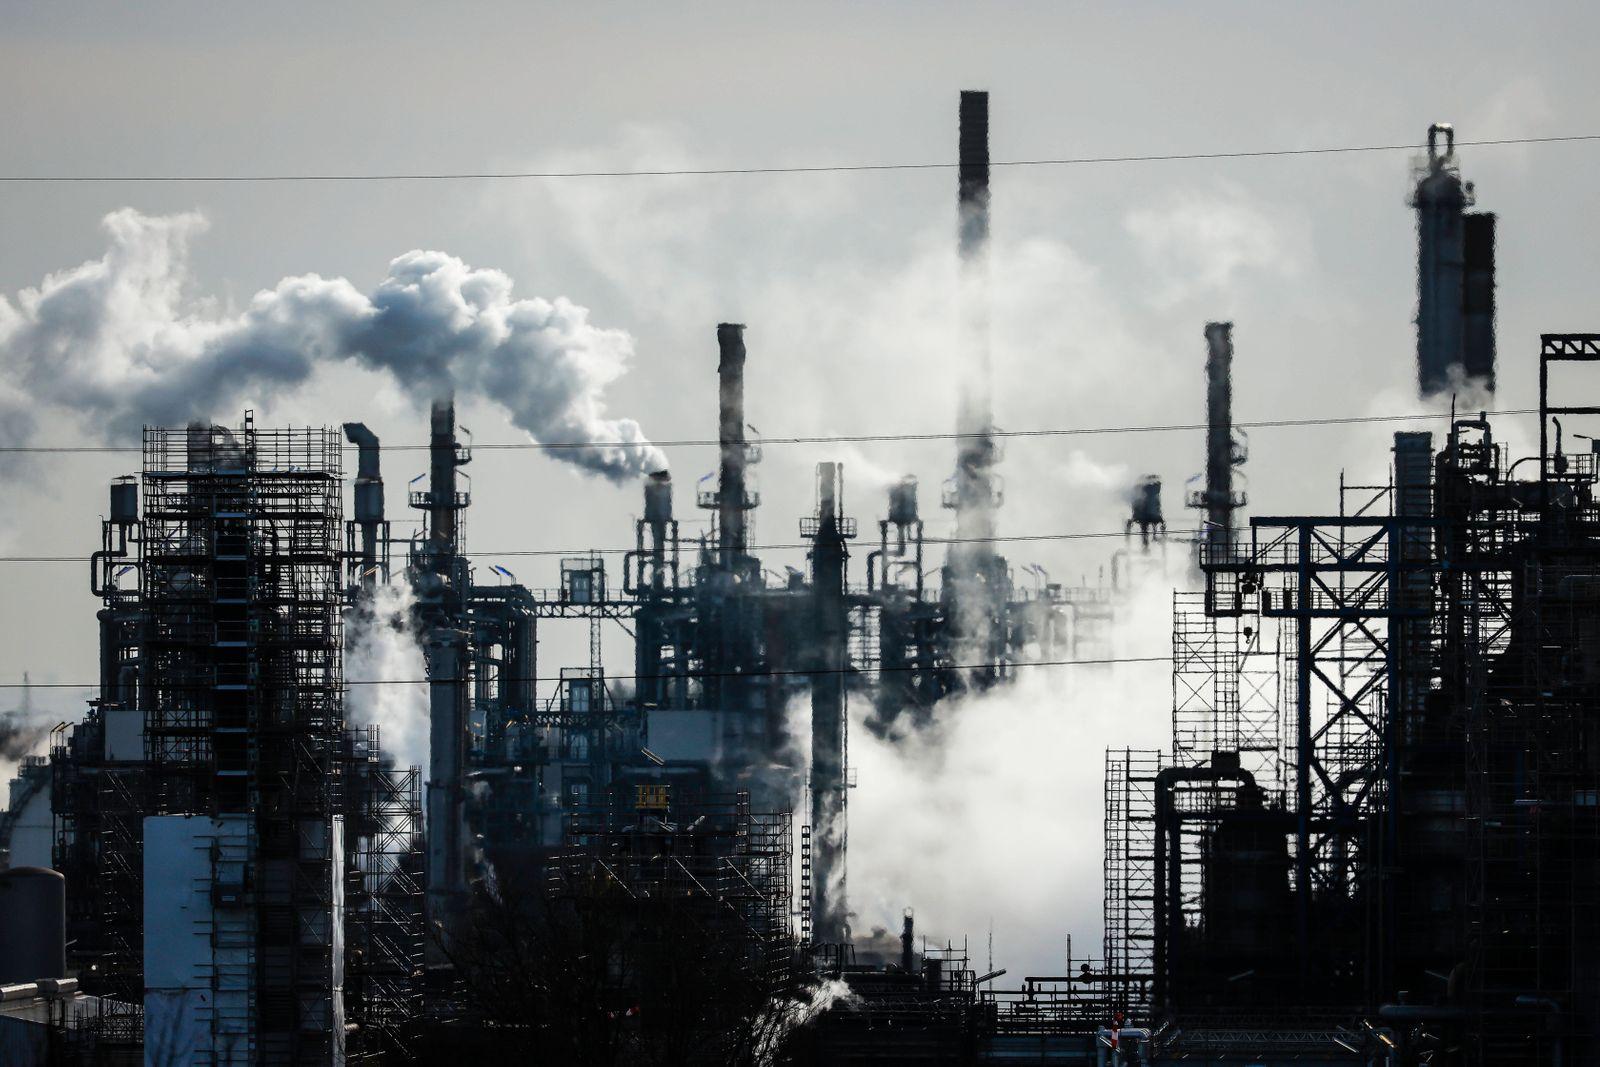 BP Ruhr Oel Erdoelraffinerie, Werk Scholven, Gelsenkirchen, Ruhrgebiet, Nordrhein-Westfalen, Deutschland